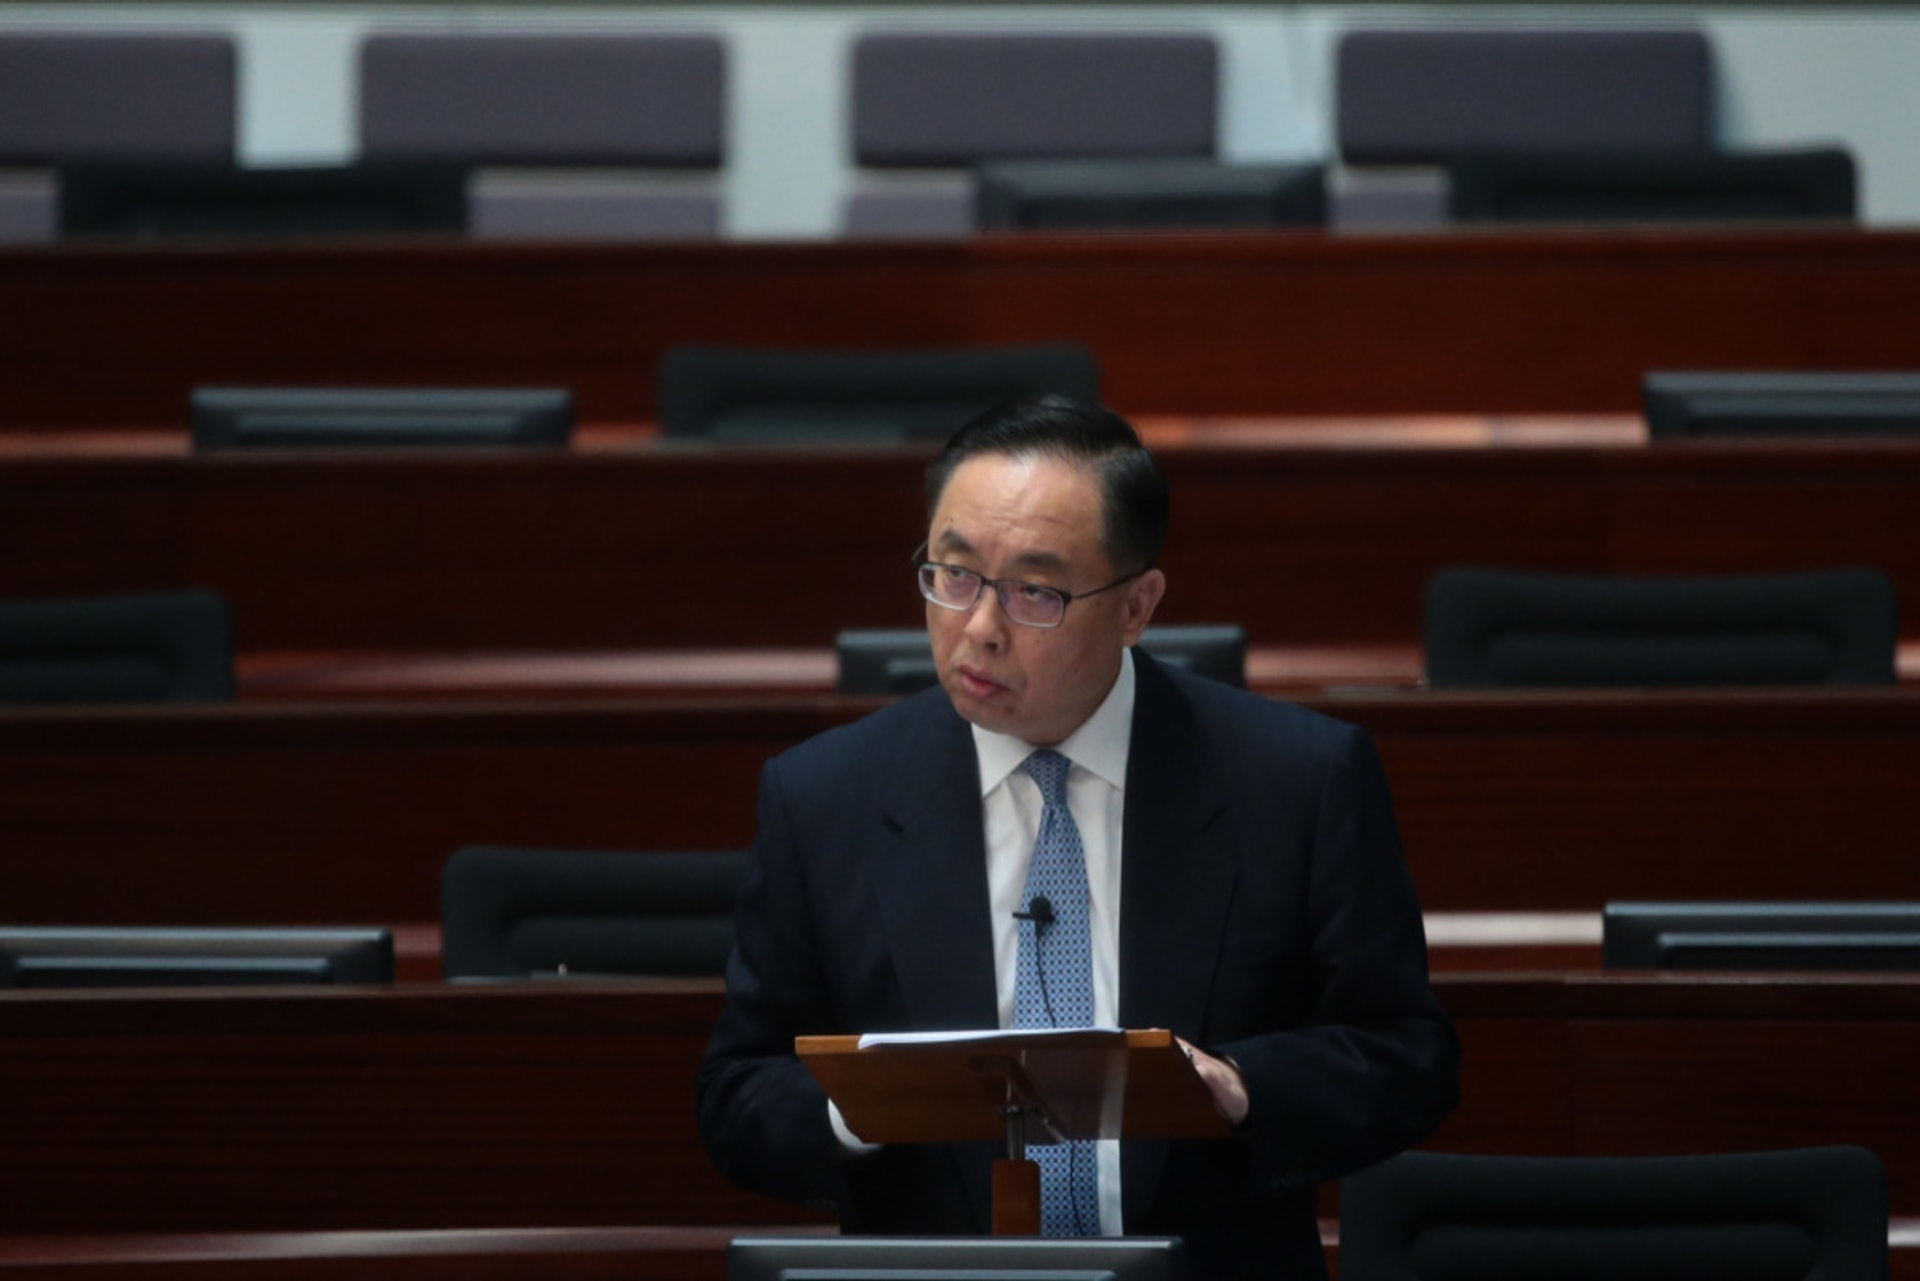 政府推出科技專才培育計劃,楊偉雄稱當局積極吸引及培育頂尖人才。(資料圖片)